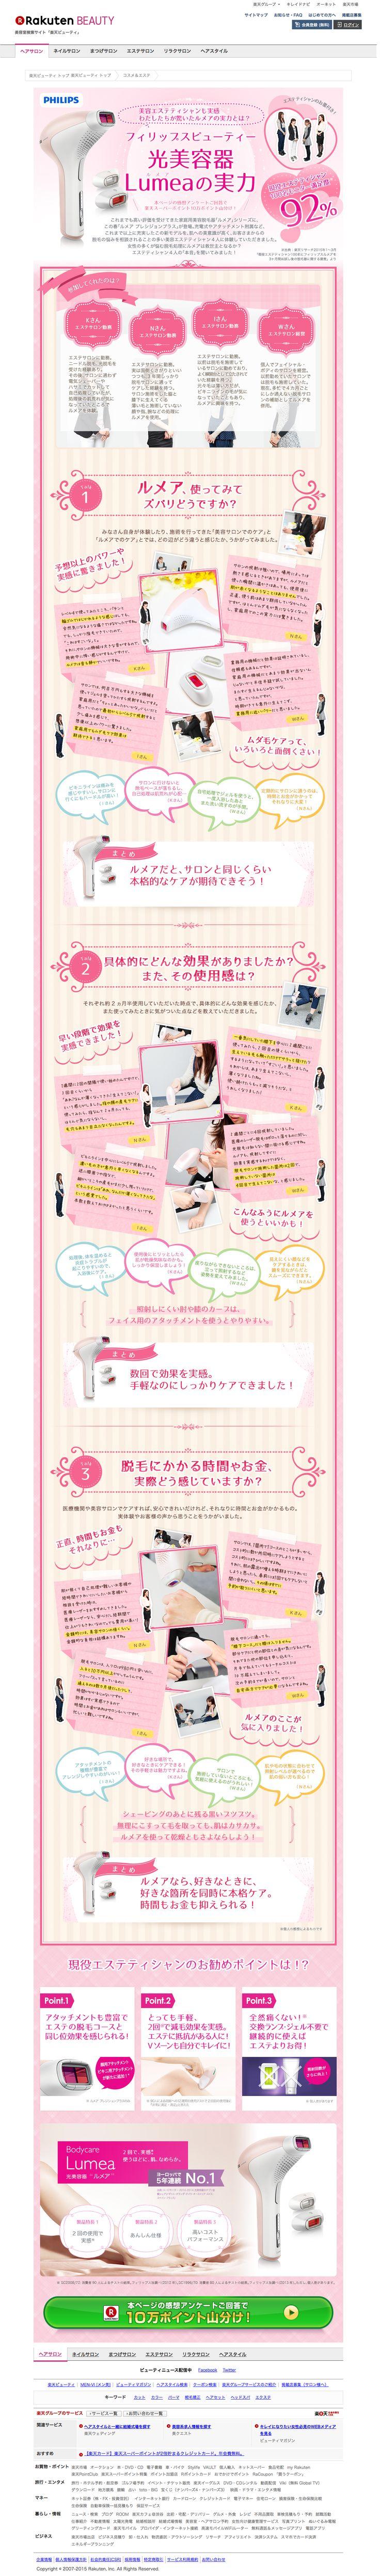 楽天ビューティ PHILIPS Lumeaキャンペーンページ - 細かく作り込んであって、動きのあるデザインでにぎやかな感じ♡|campaign page, LP, design, pink, cute